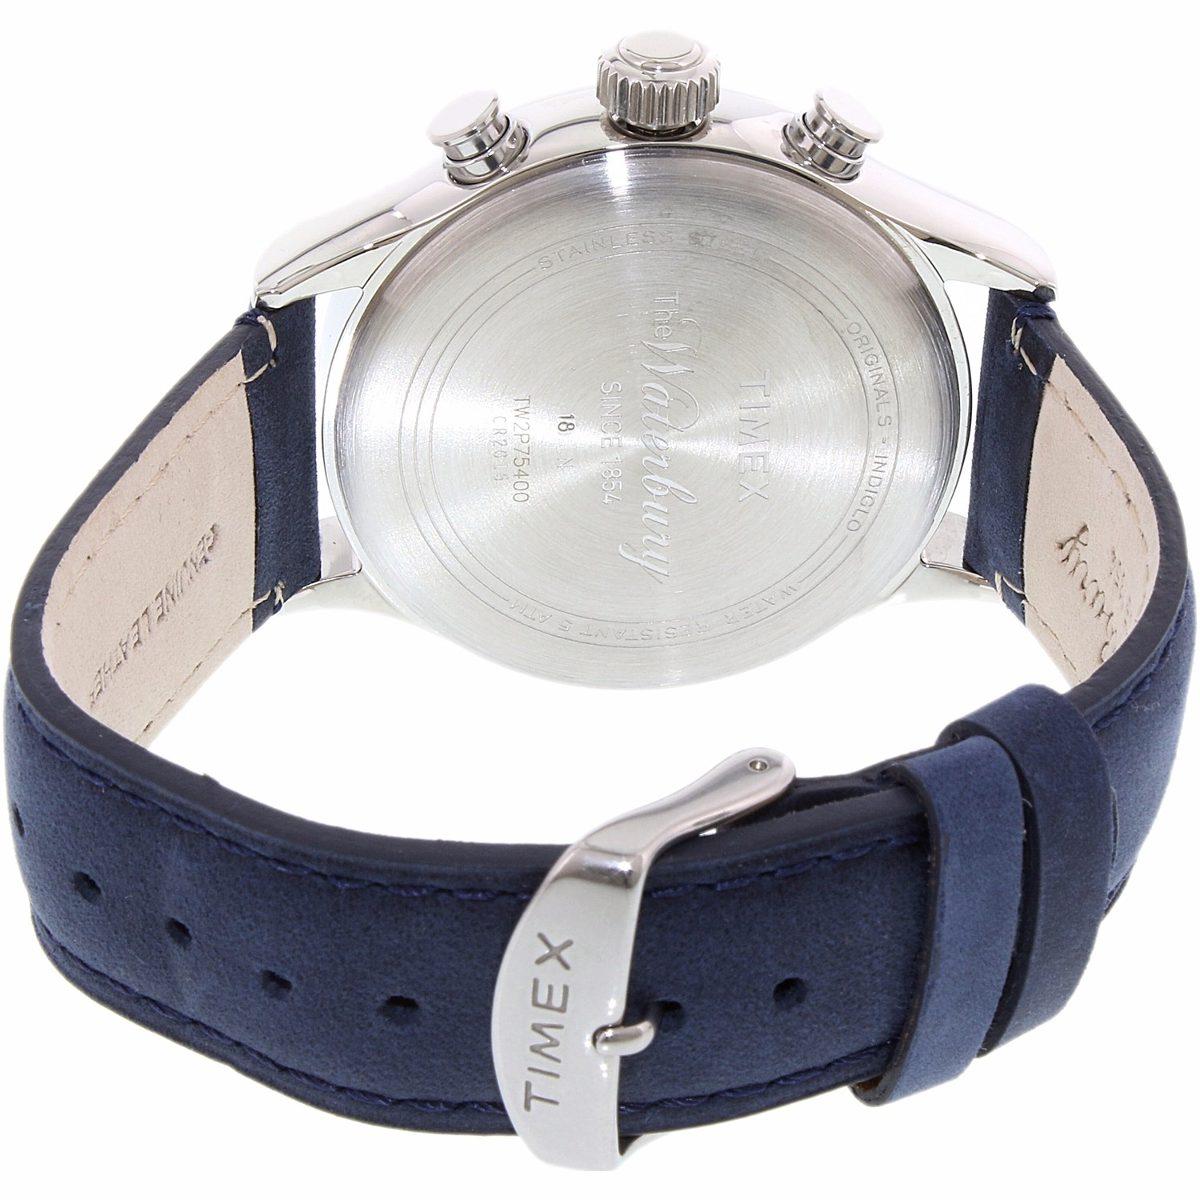 68fd358fbbcc reloj timex tw2p75400 waterbury piel azul plata de caballero. Cargando zoom.